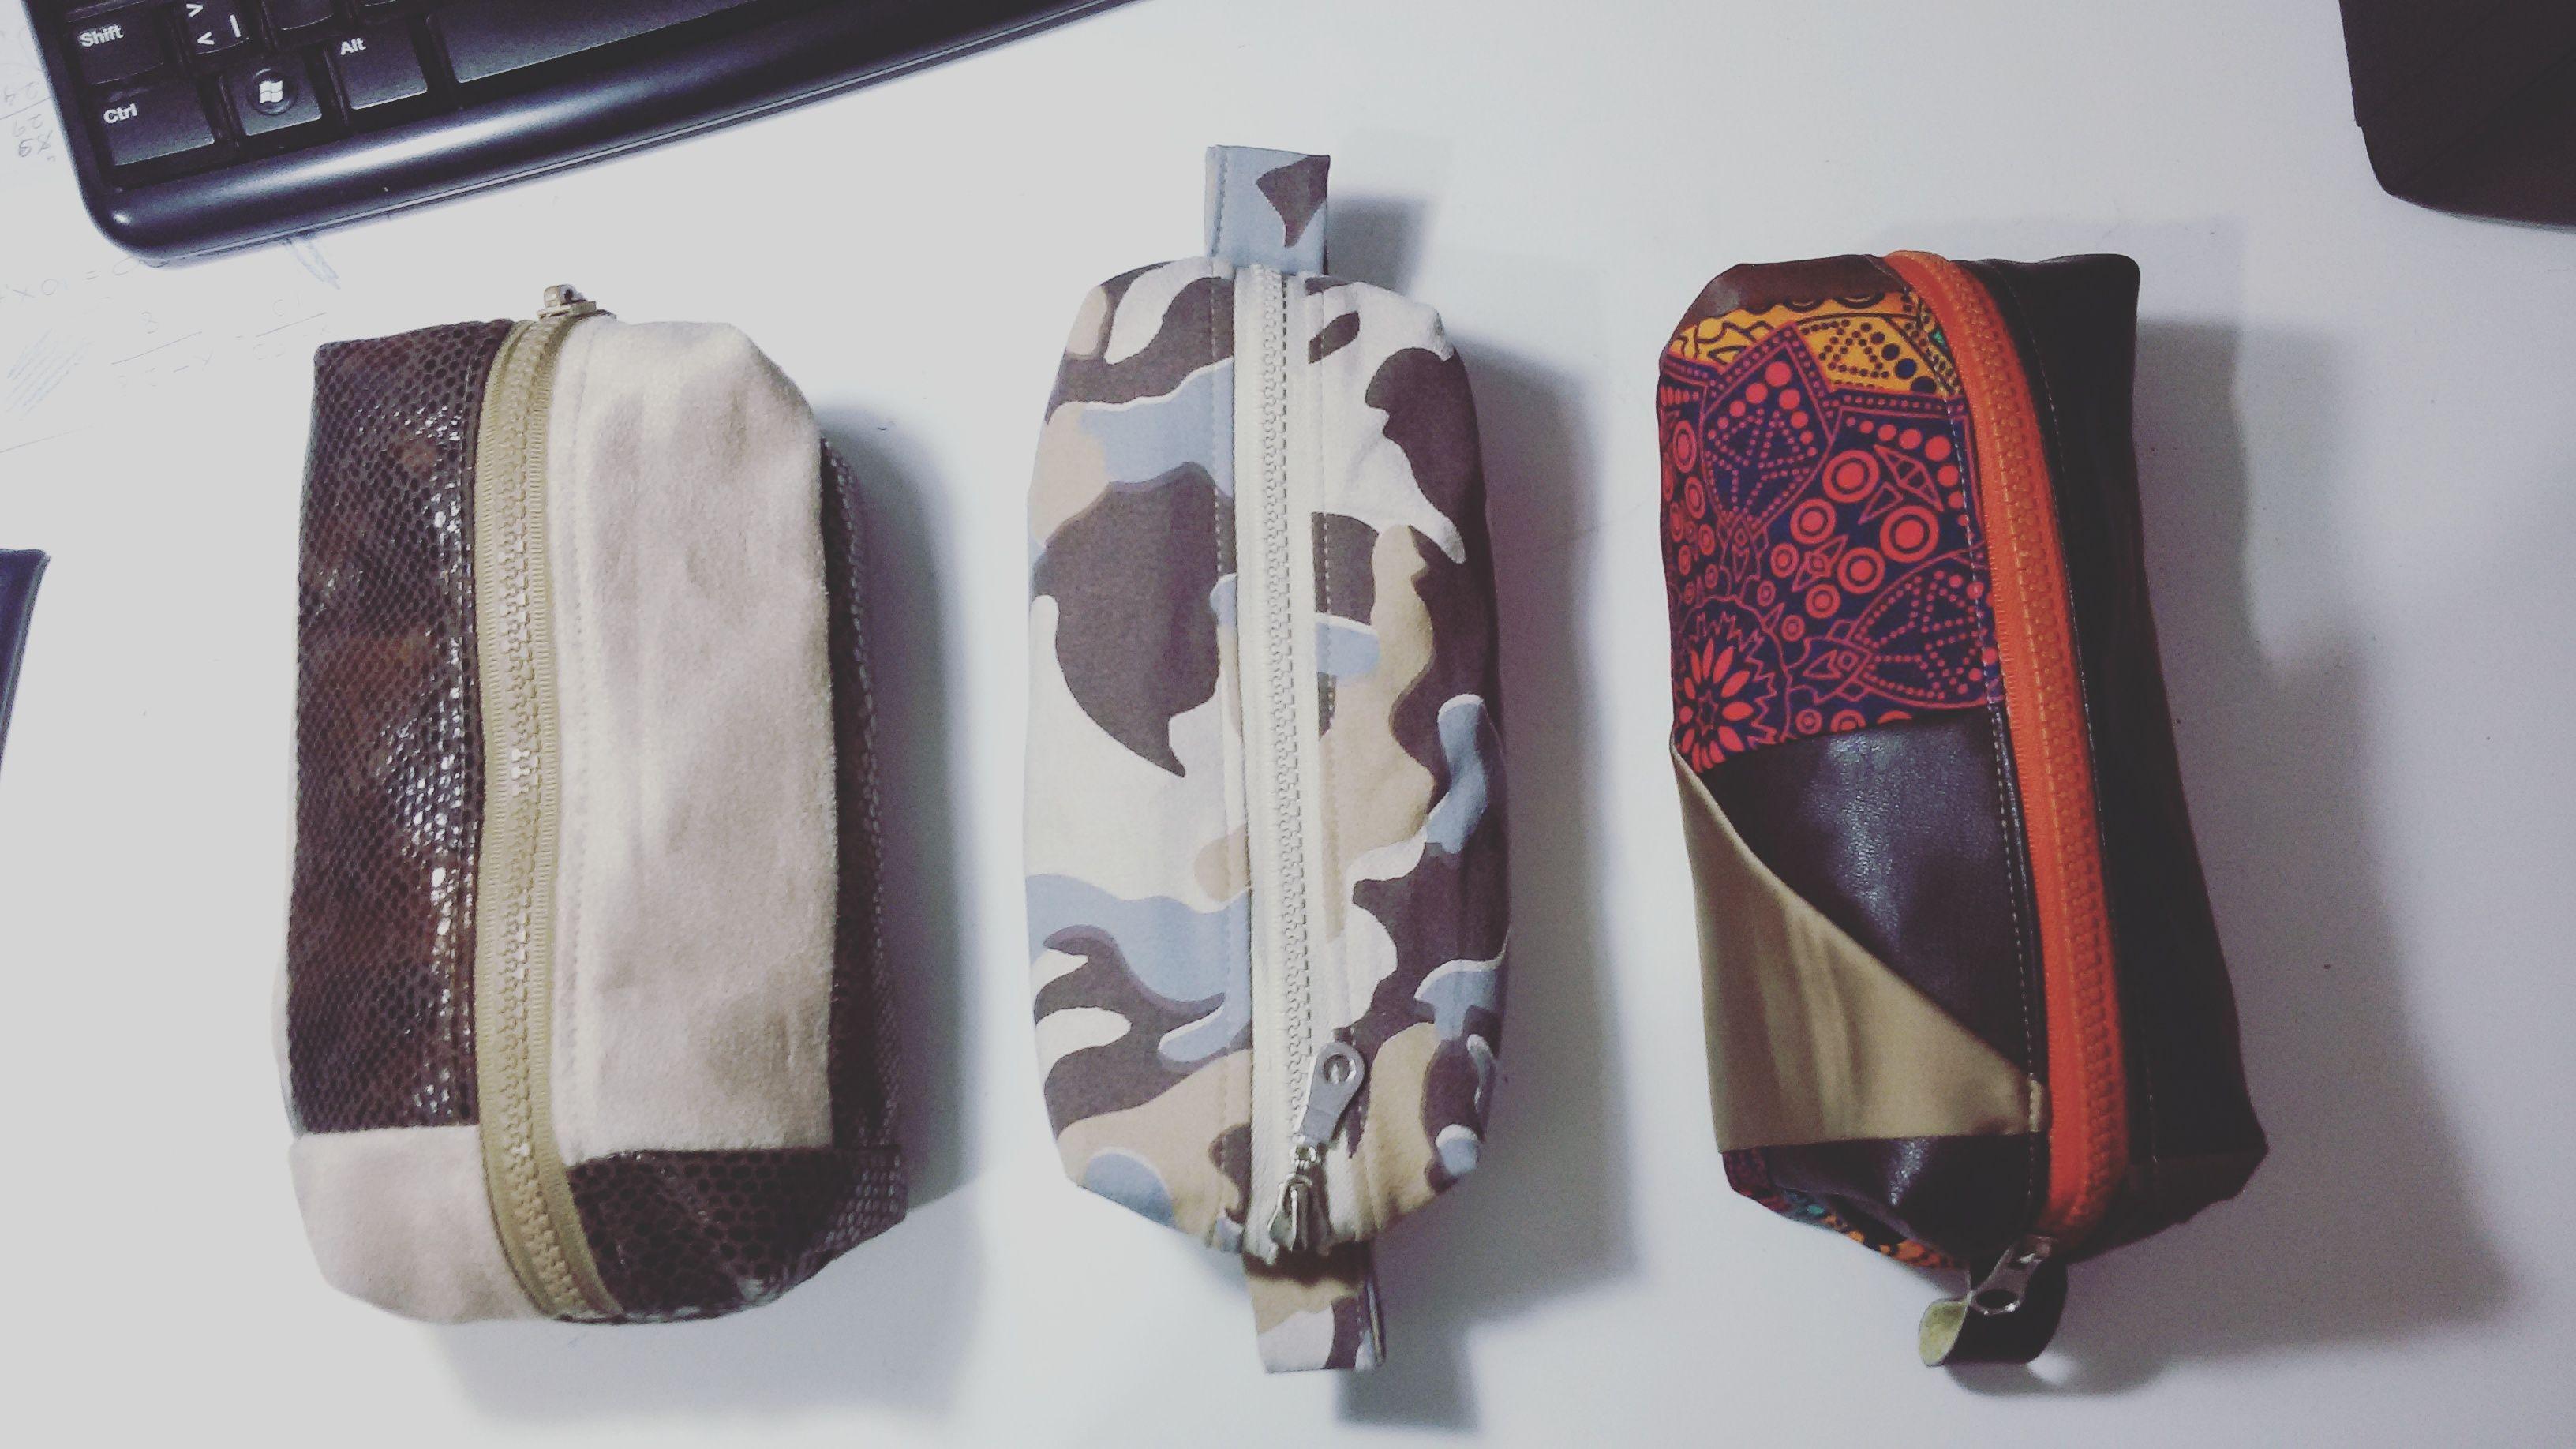 #çanta #bag #kalemlik #kalemkutusu #pencilcase #sewign #design #makyaj #dikiş #elişi